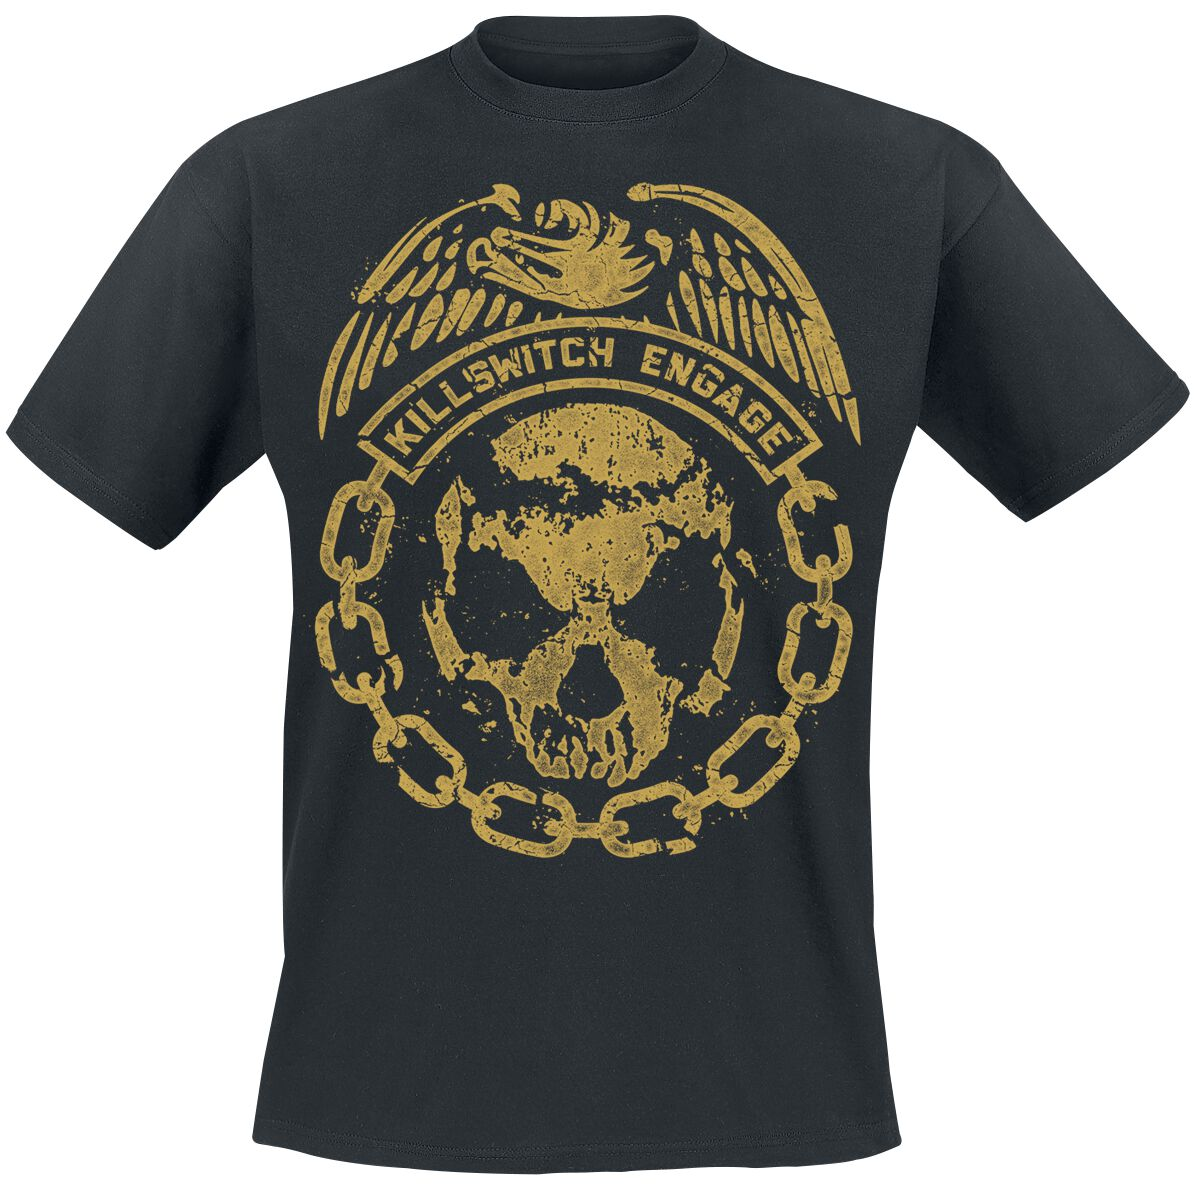 Zespoły - Koszulki - T-Shirt Killswitch Engage Crumble T-Shirt czarny - 364413